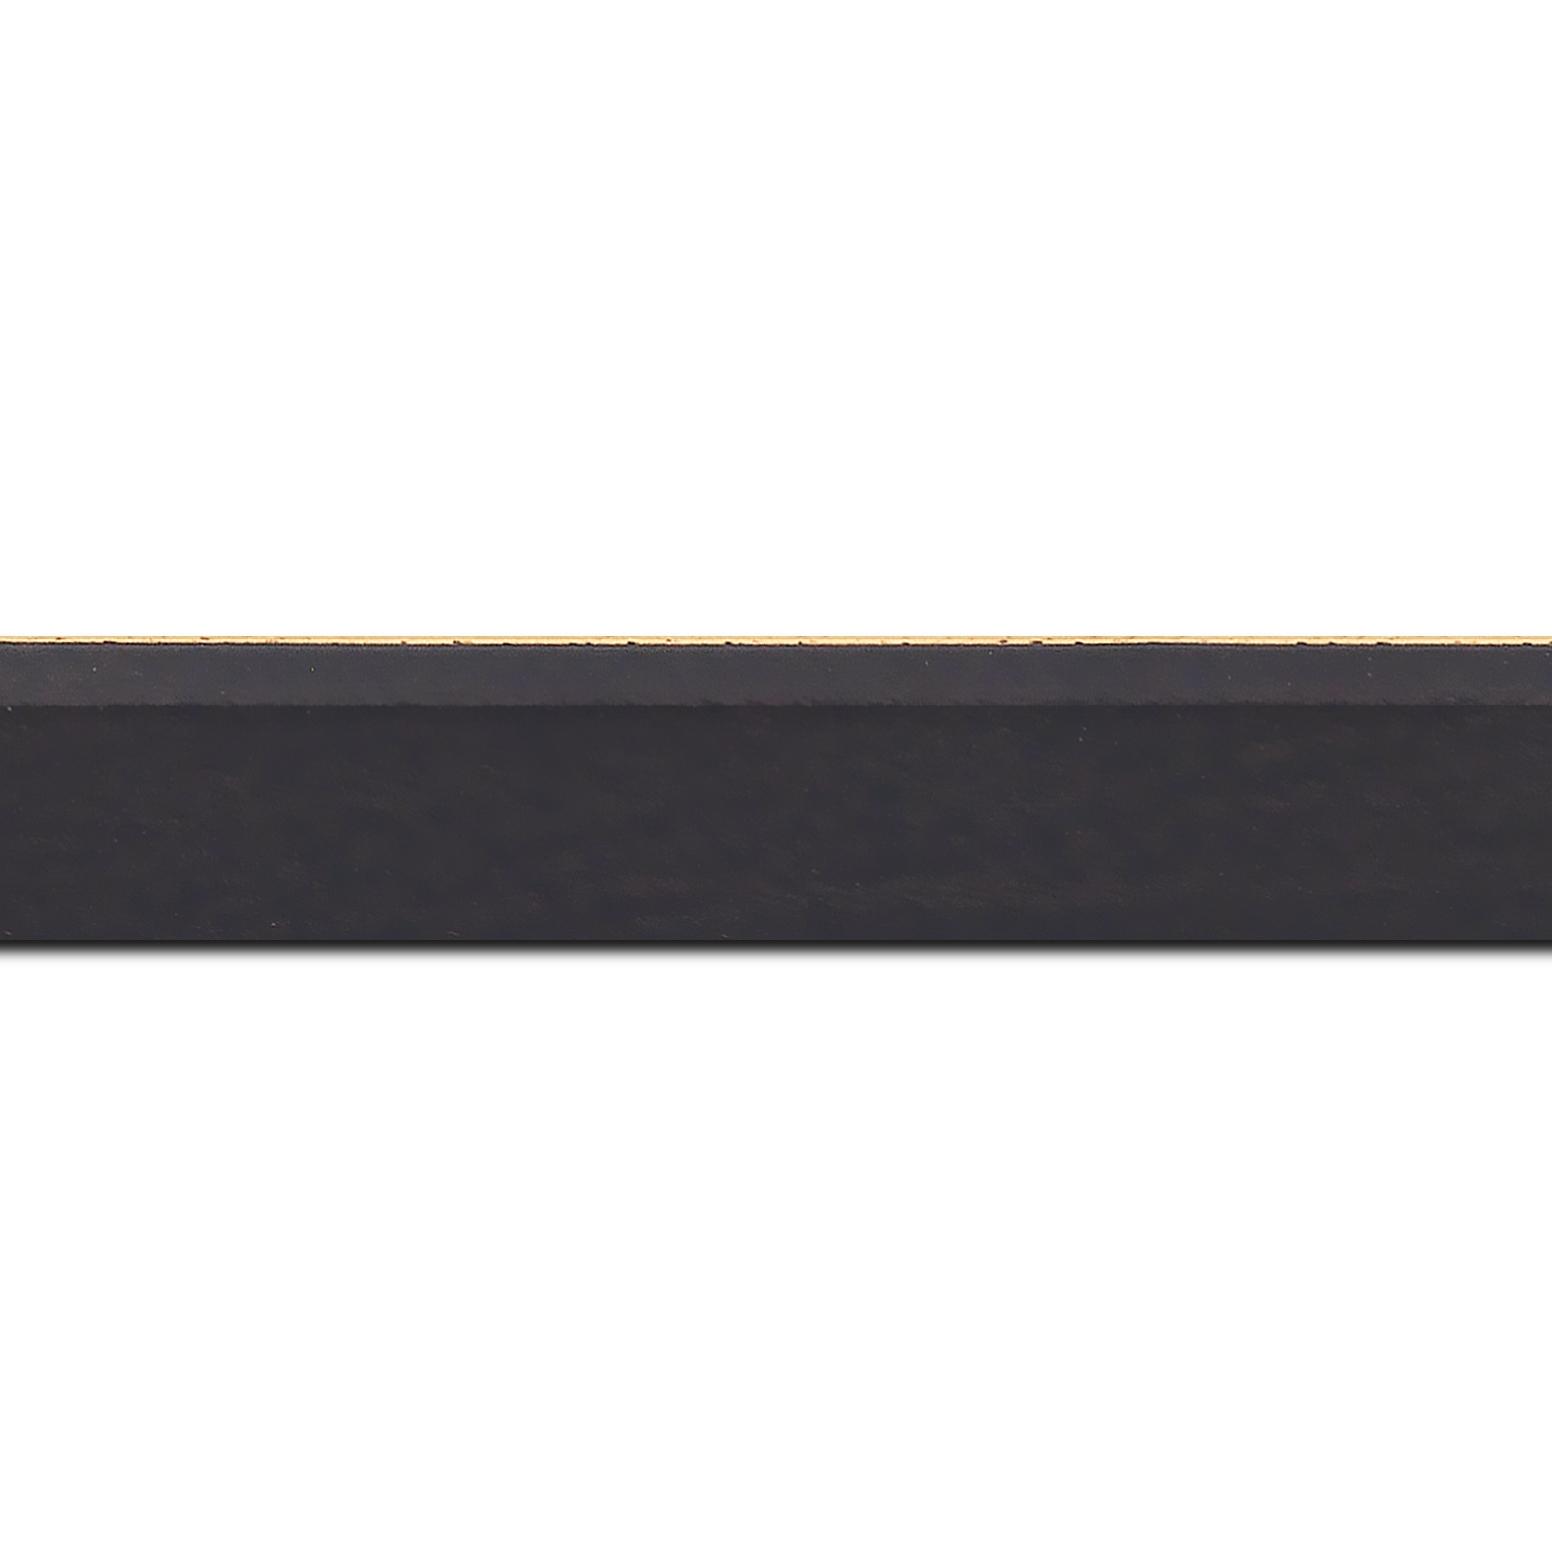 Pack par 12m, bois profil plat escalier largeur 3cm couleur chocolat satiné filet créme extérieur (longueur baguette pouvant varier entre 2.40m et 3m selon arrivage des bois)